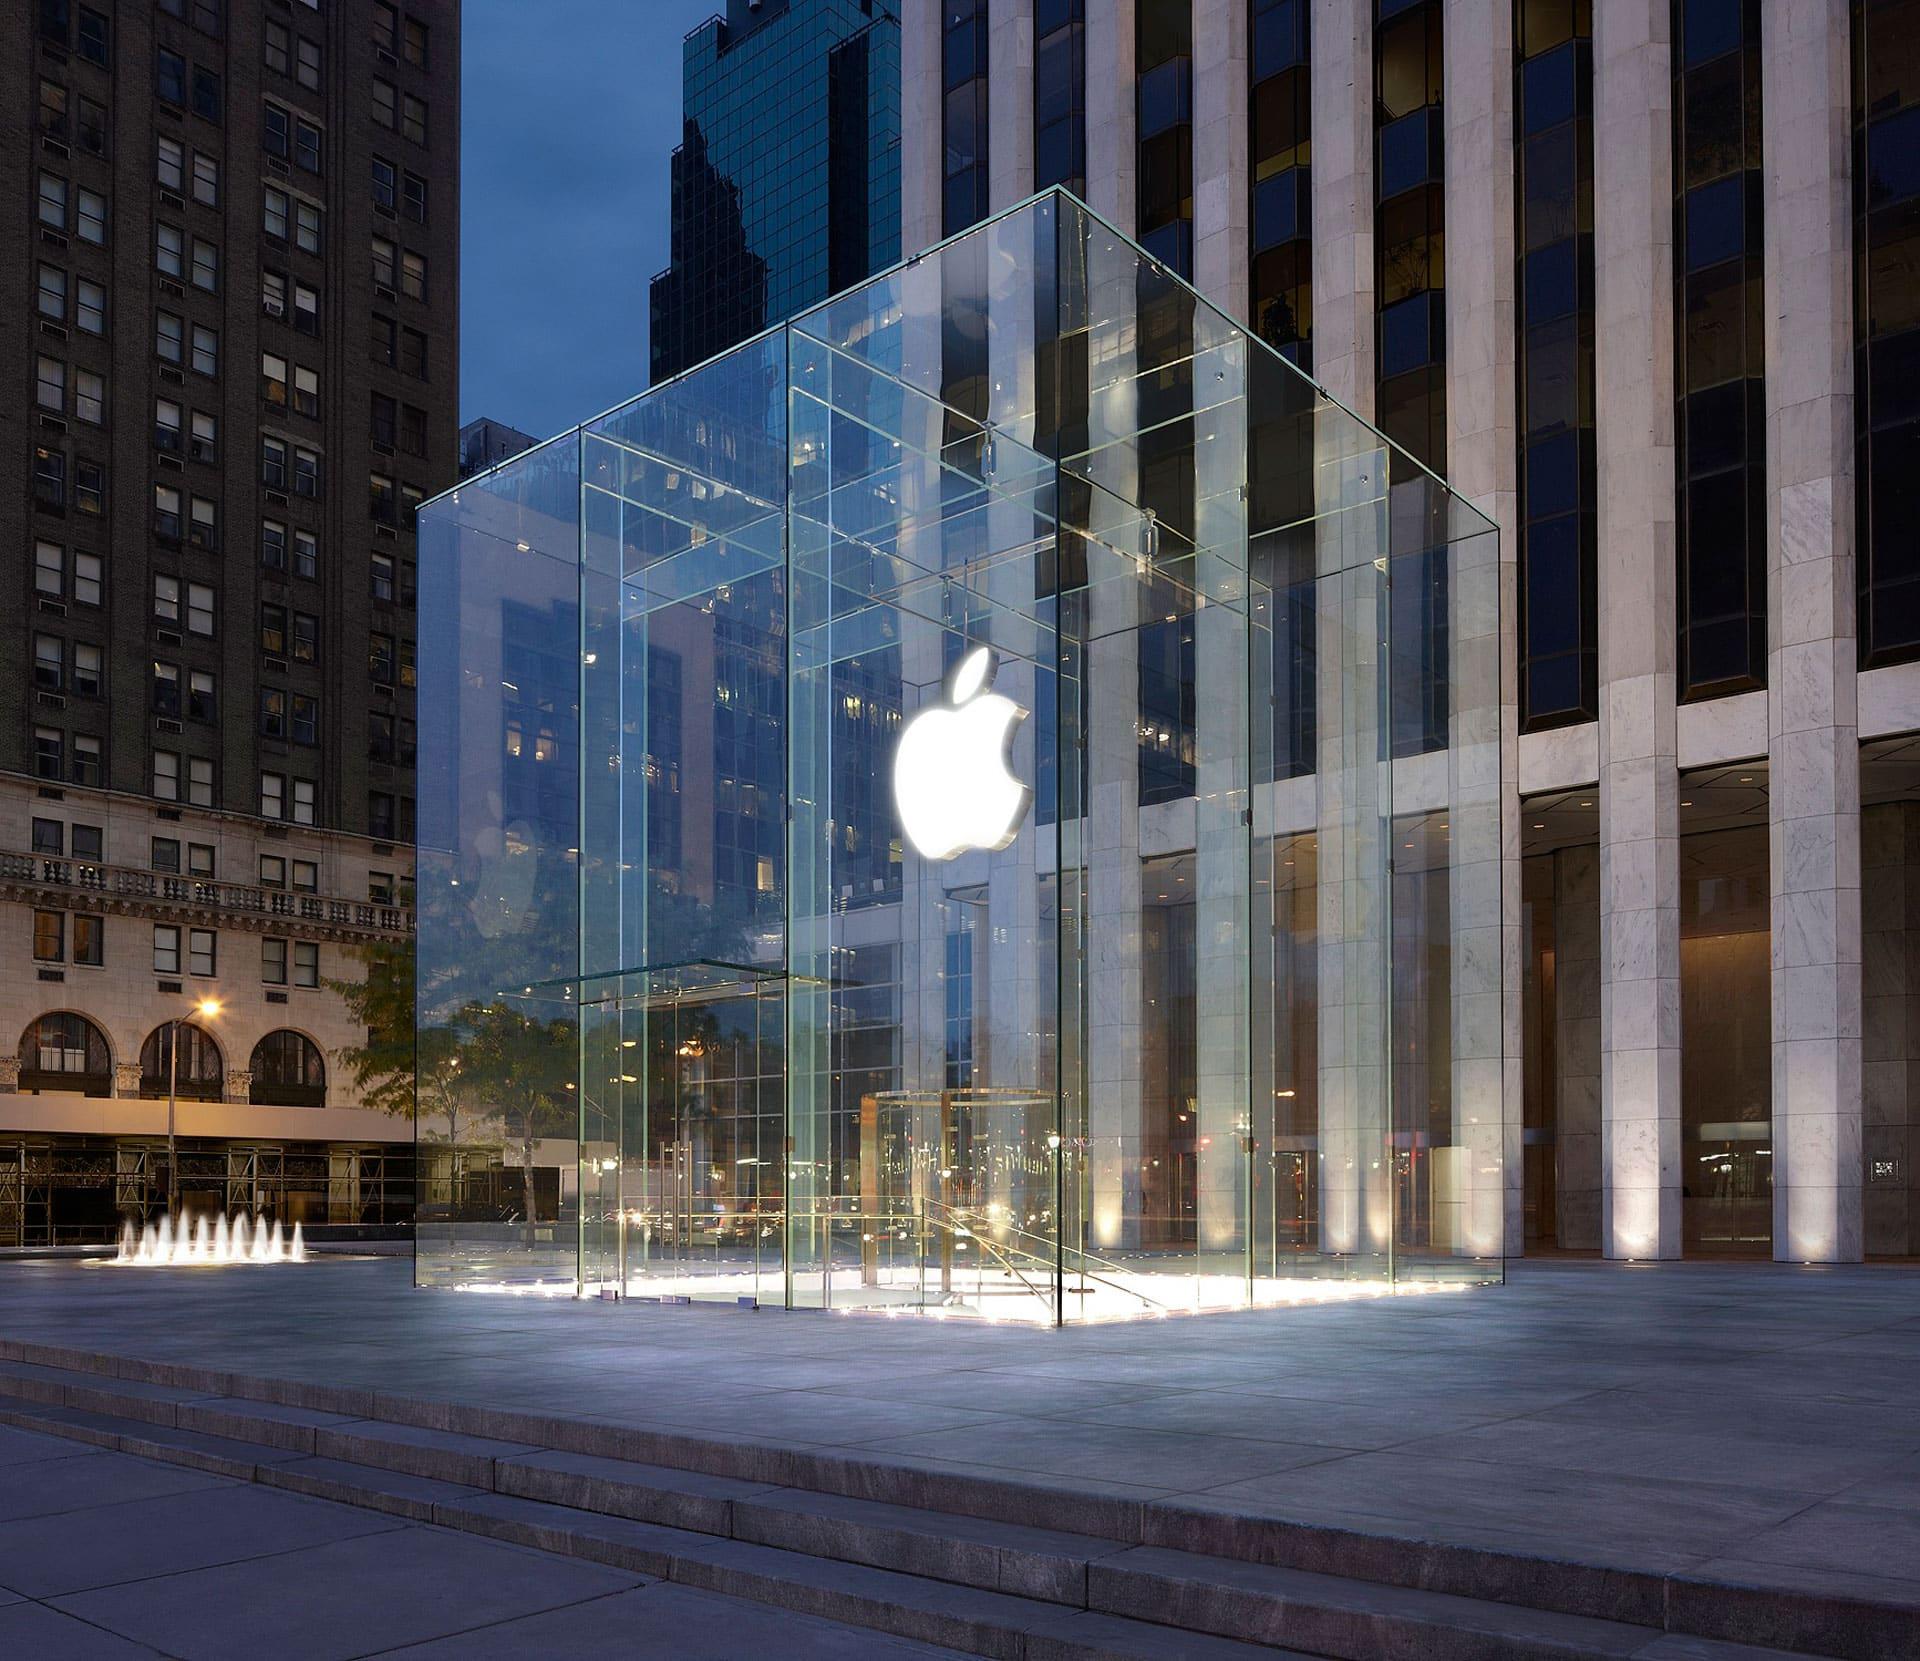 Un tribunal alemán salvó a Apple de pagar 2.000 millones de dólares a IPCom, pero se espera que haya alguna apelación a la sentencia.